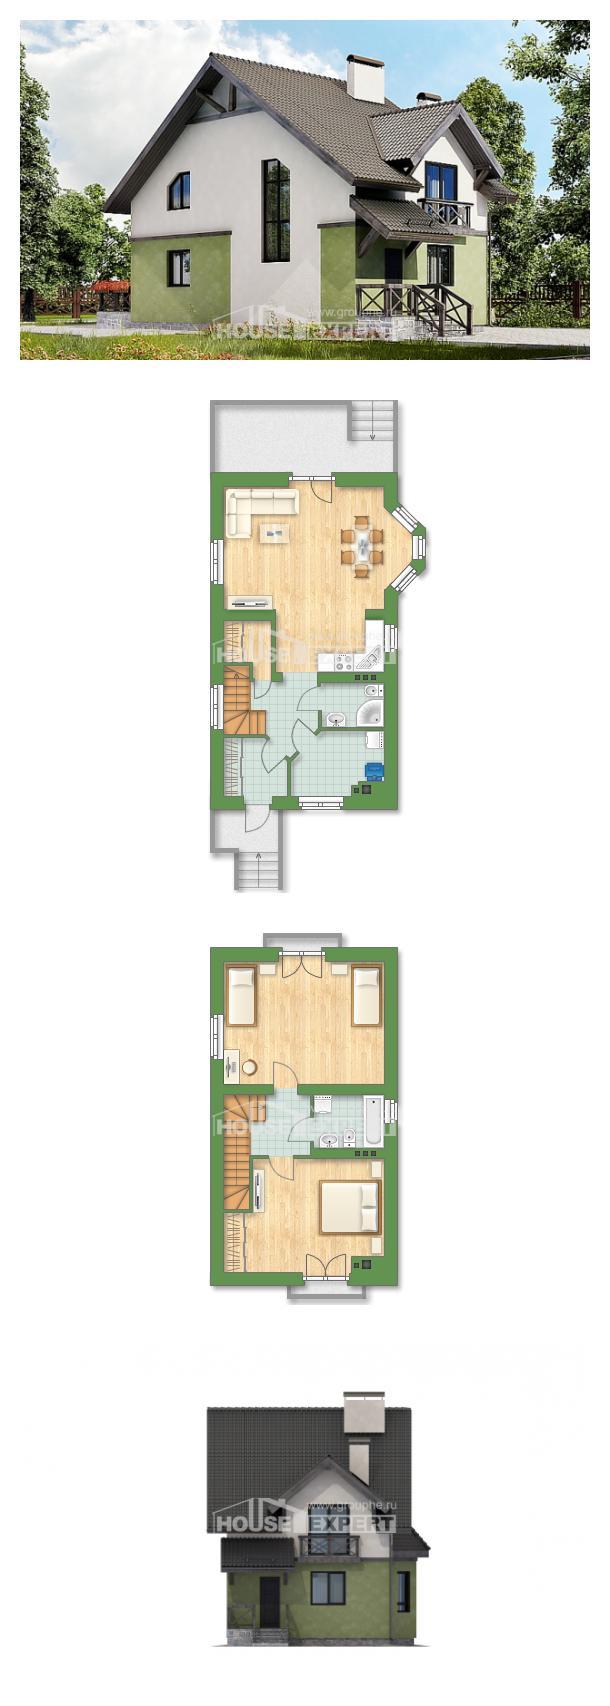 房子的设计 120-003-R | House Expert